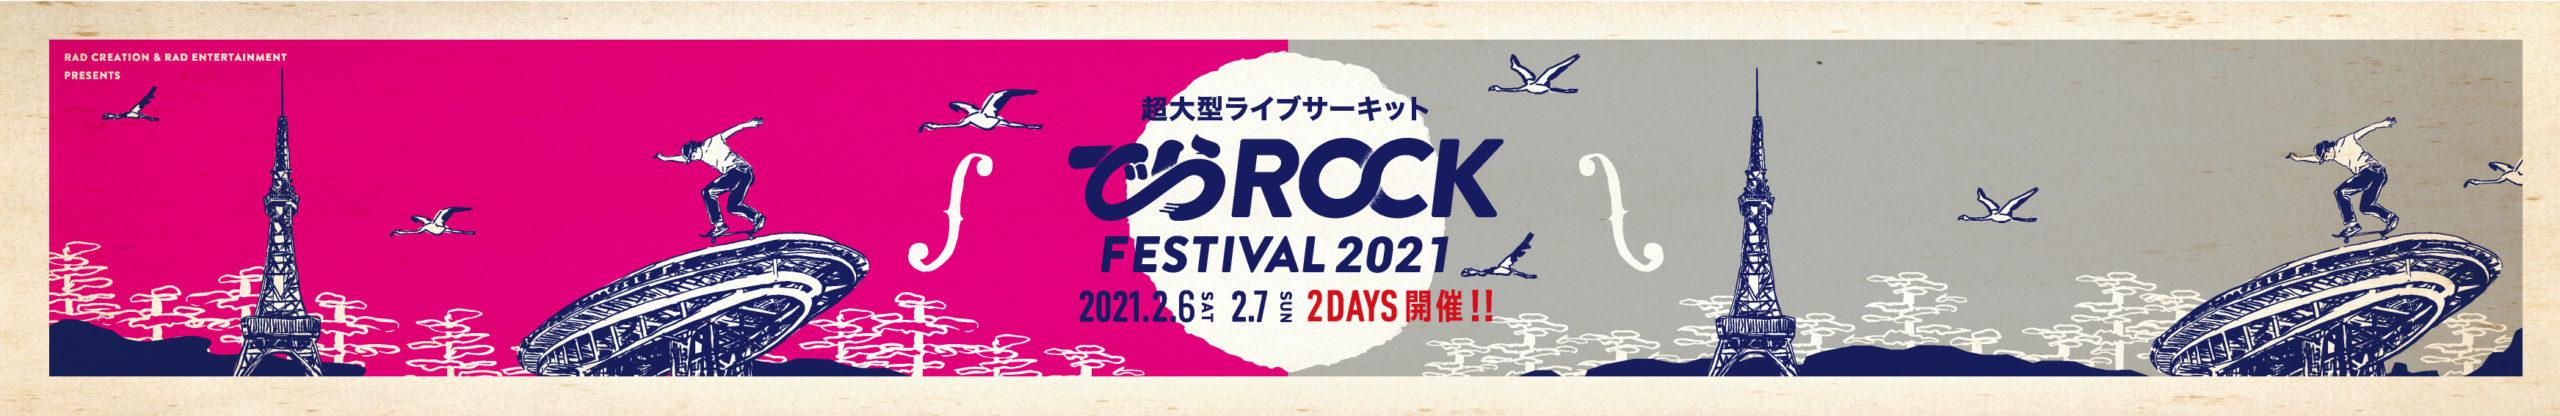 derarock2021